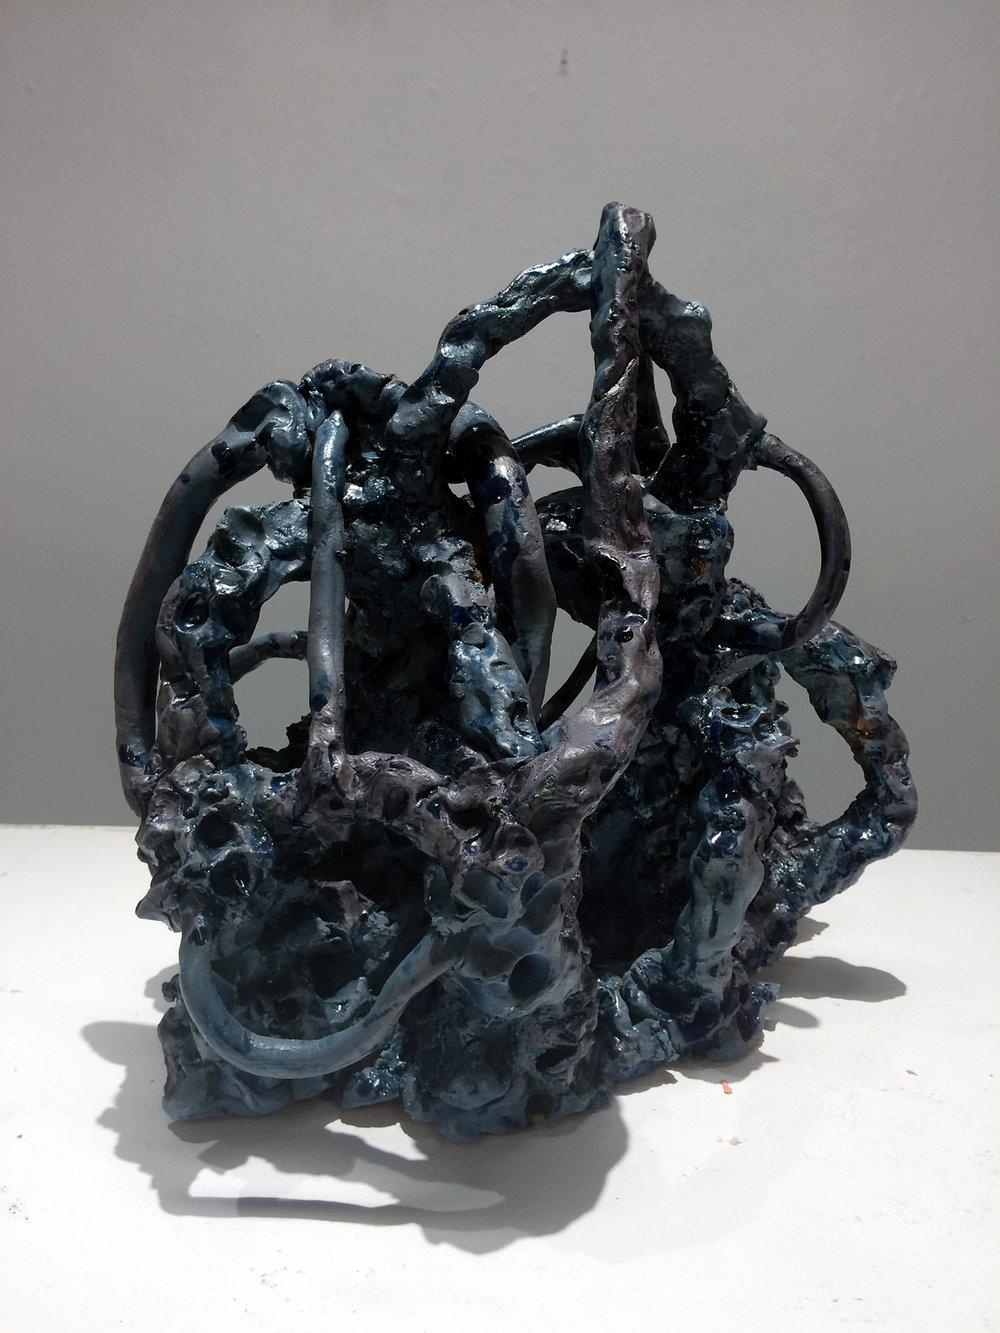 Cobalt Improvisation